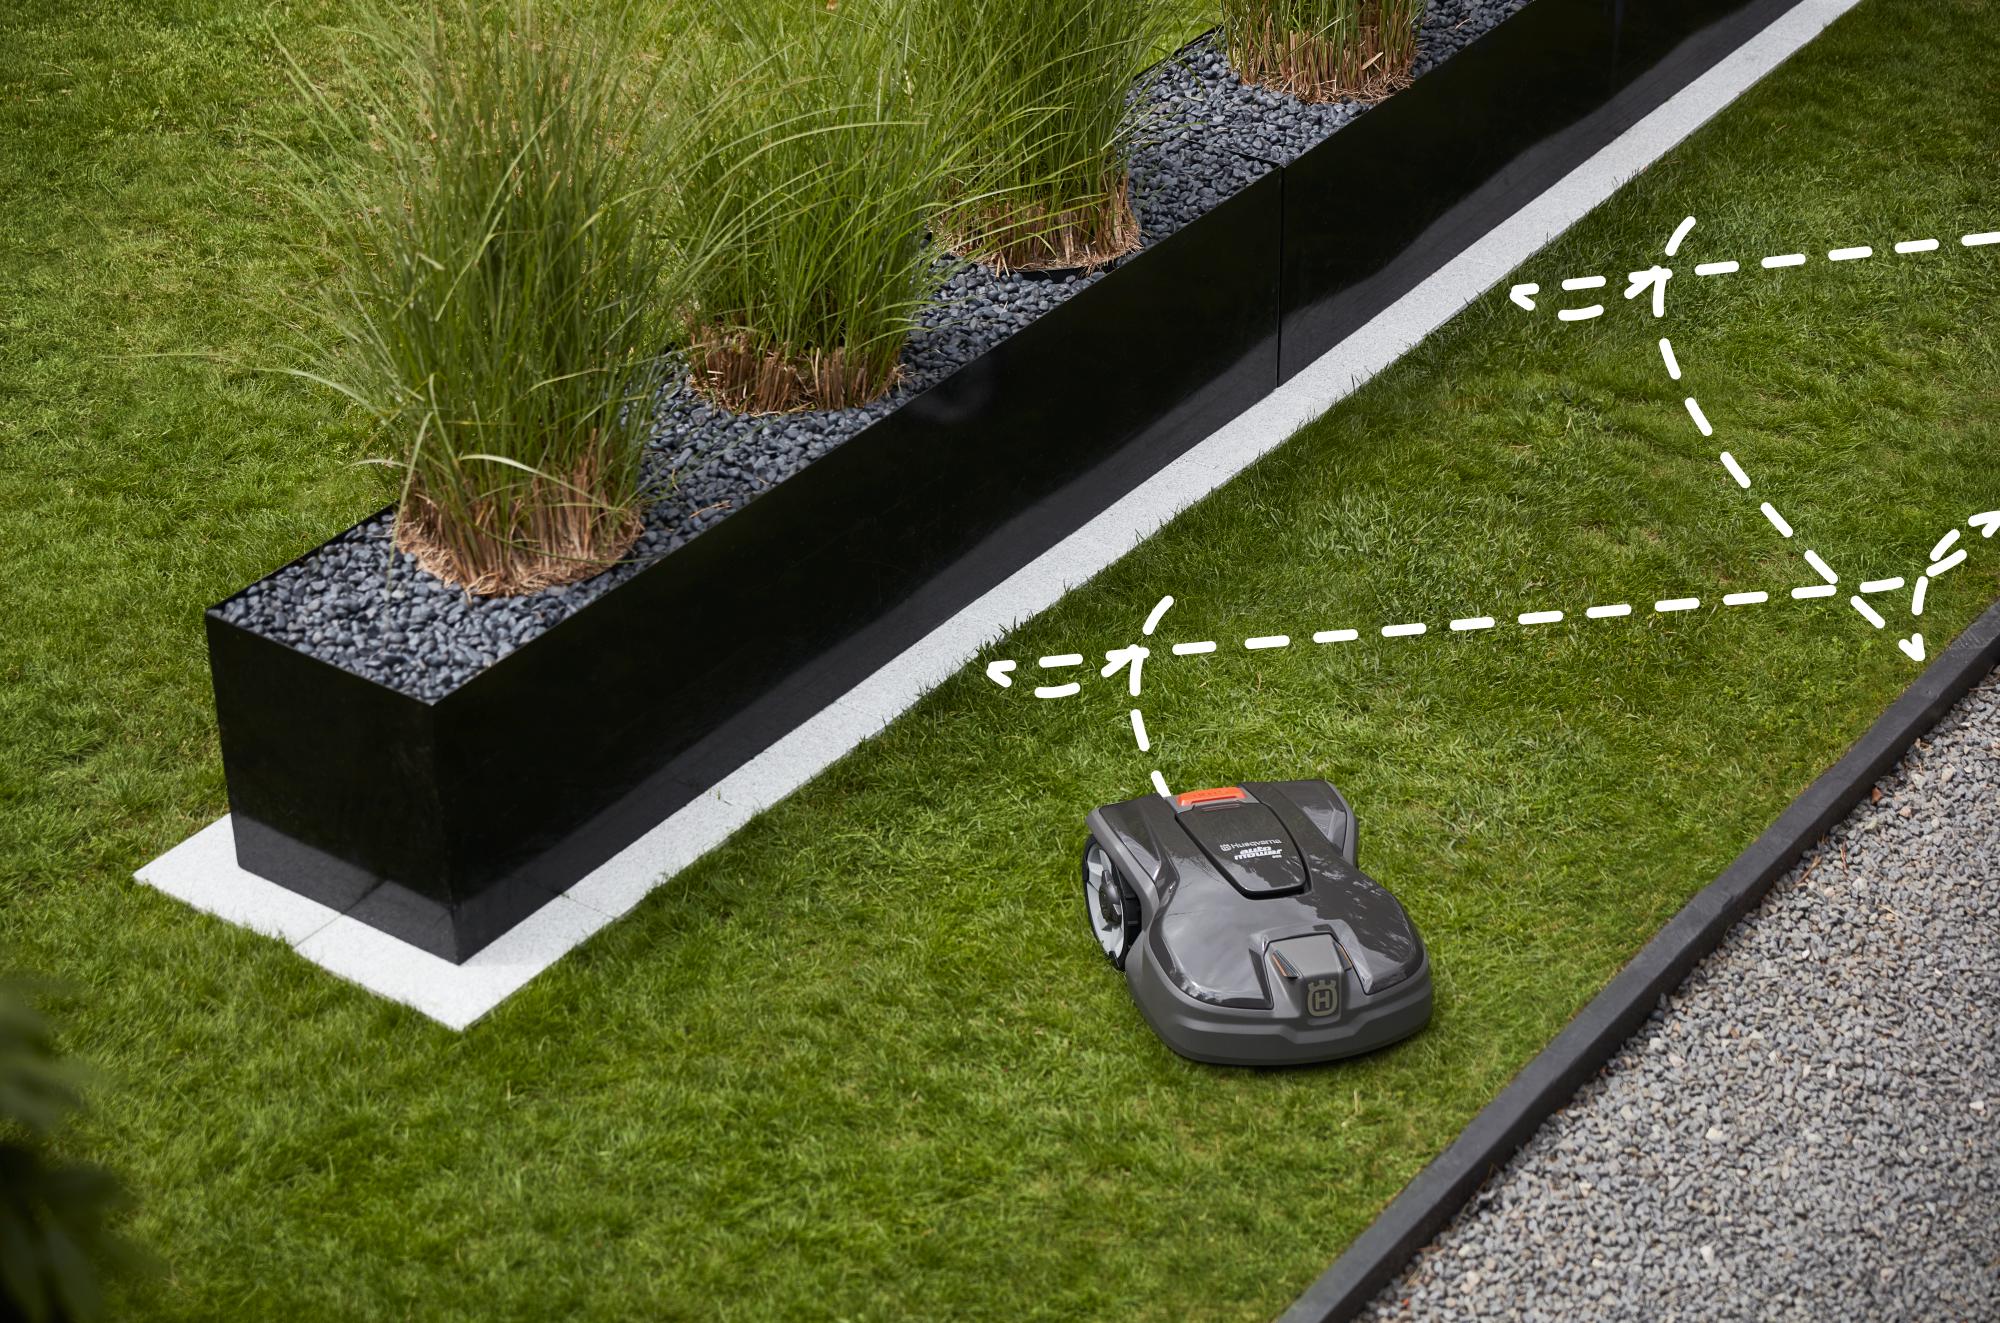 melns zāles pļāvējs robots uz zālāja dārzā